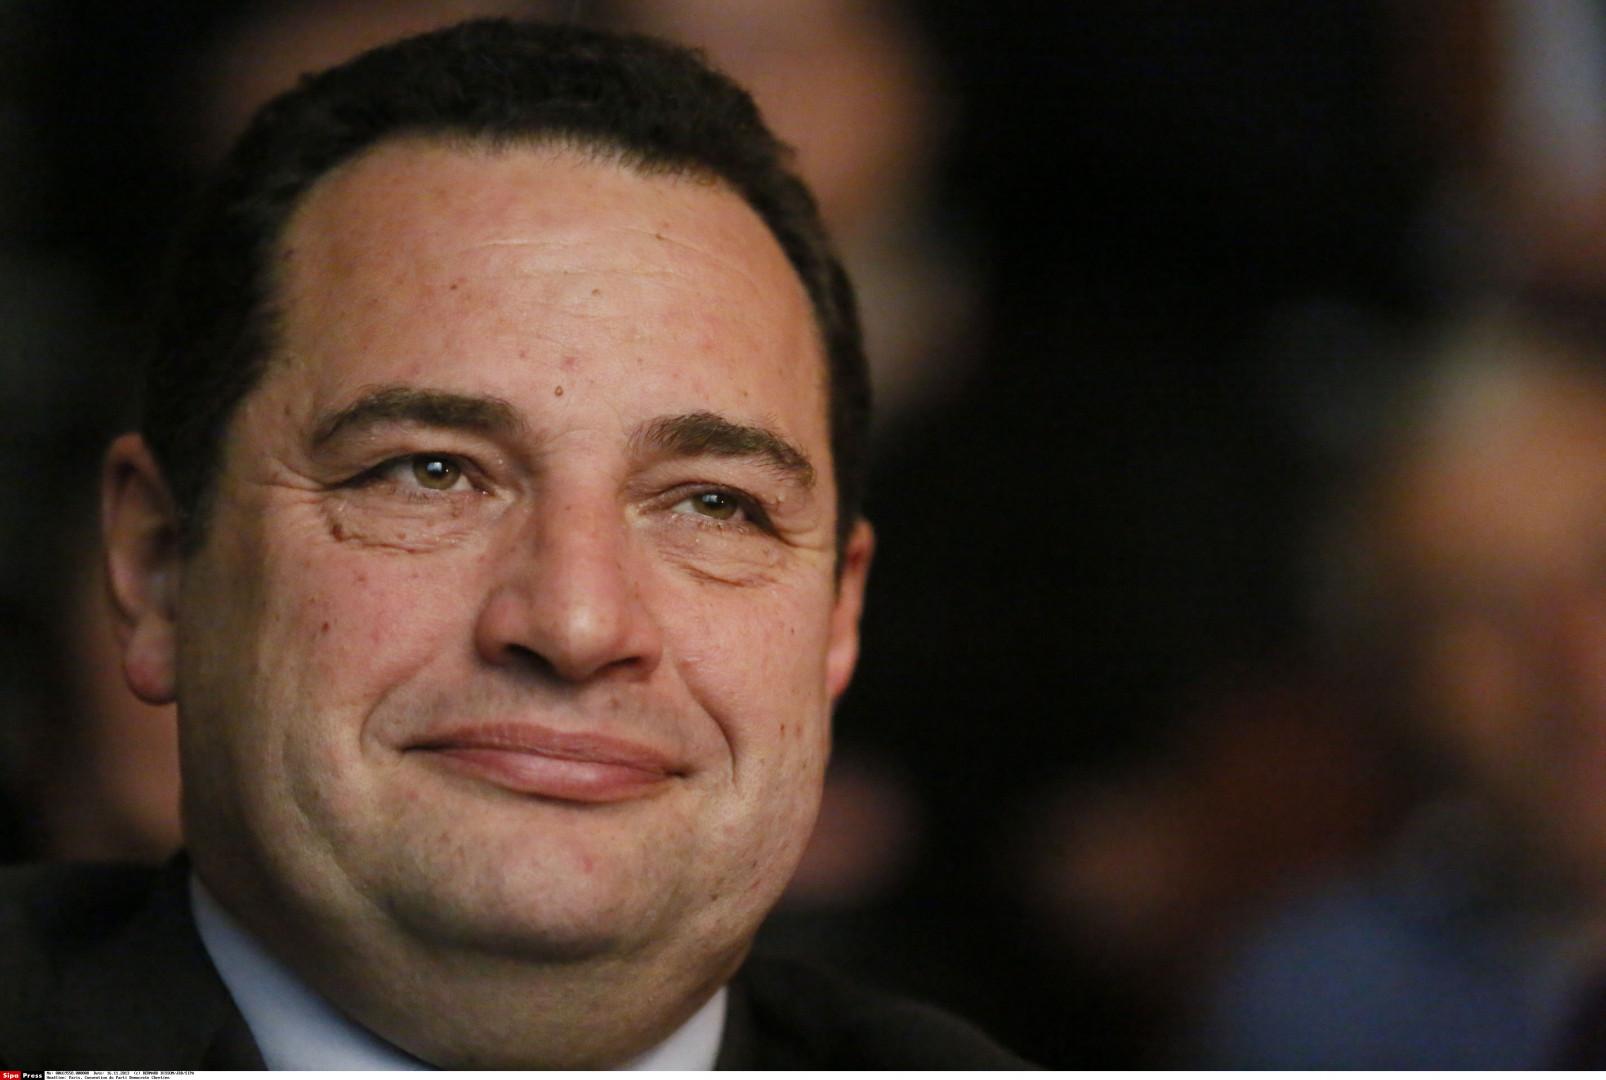 Jean-Frédéric Poisson, 53 ans, président du parti Chrétien-Démocrate